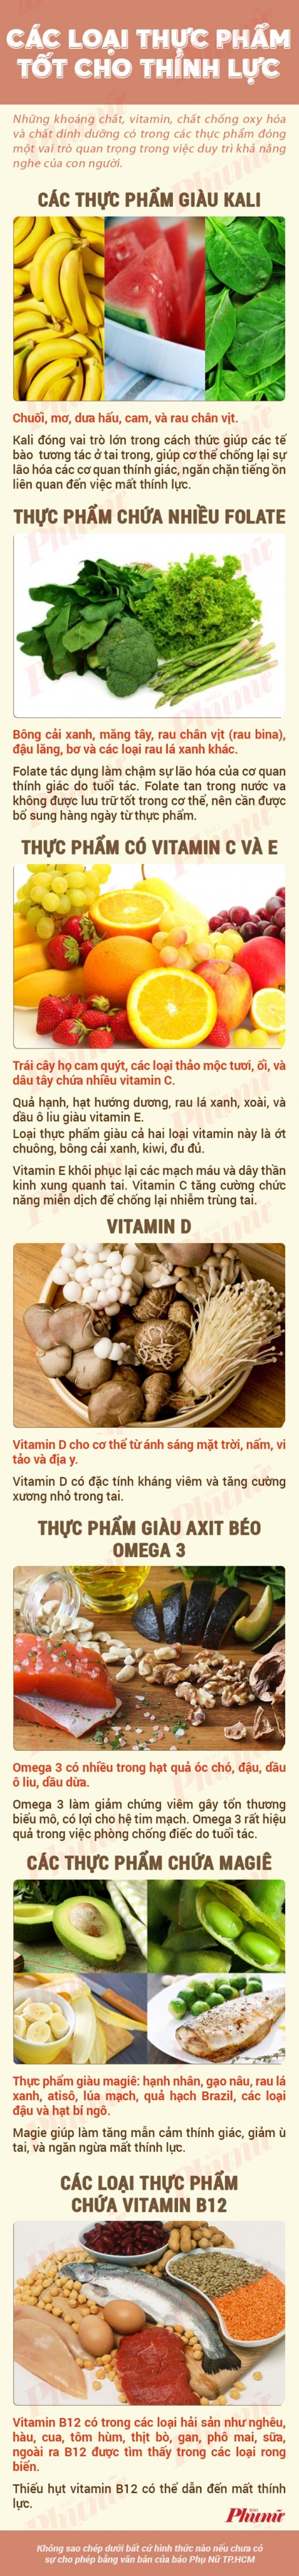 Cải thiện thính giác bằng các thực phẩm dễ tìm tại Việt Nam